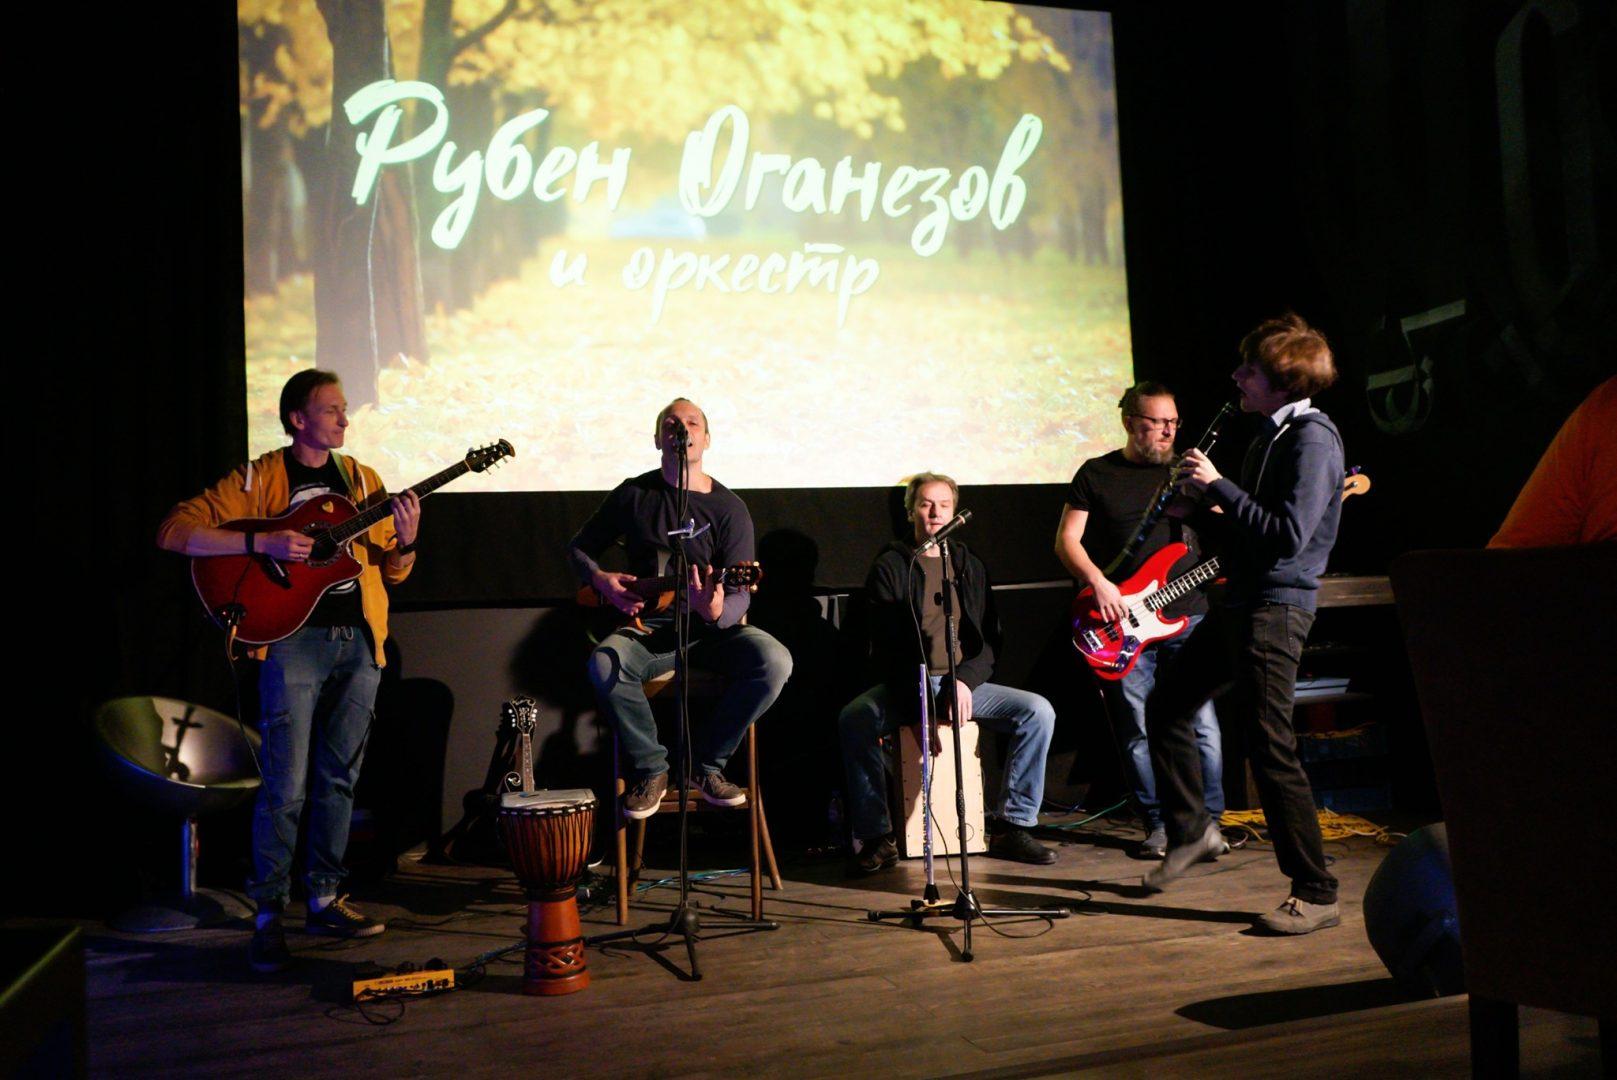 Музыканты представят свою творческую программу в Троицком Доме ученых. Фото официальная страница Дома ученых в социальных сетях